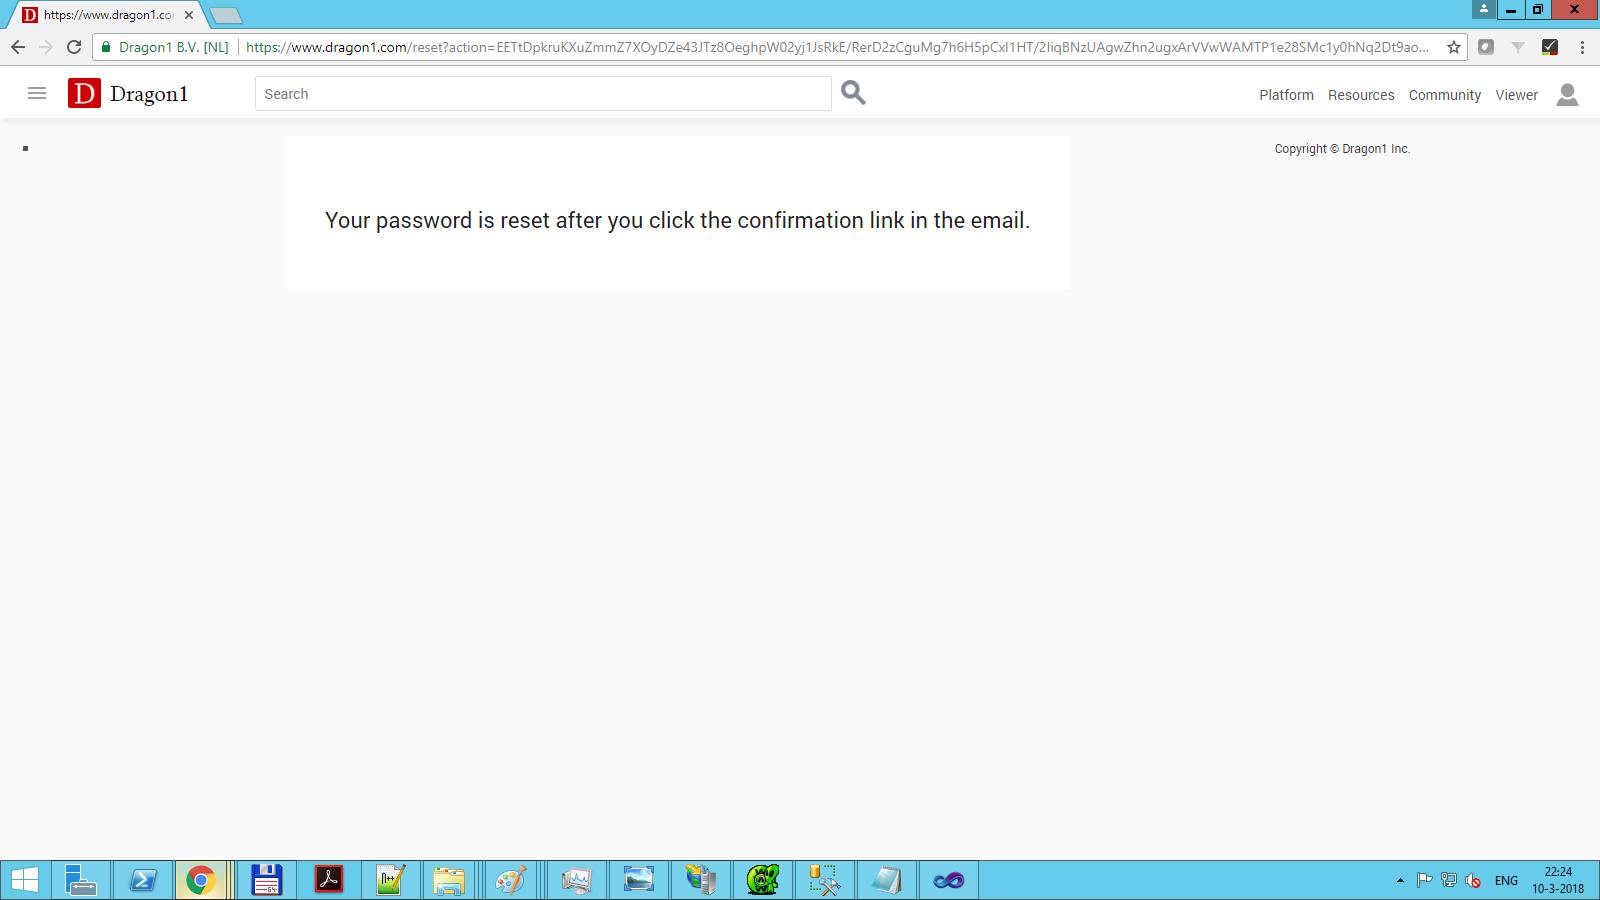 dragon1 new password